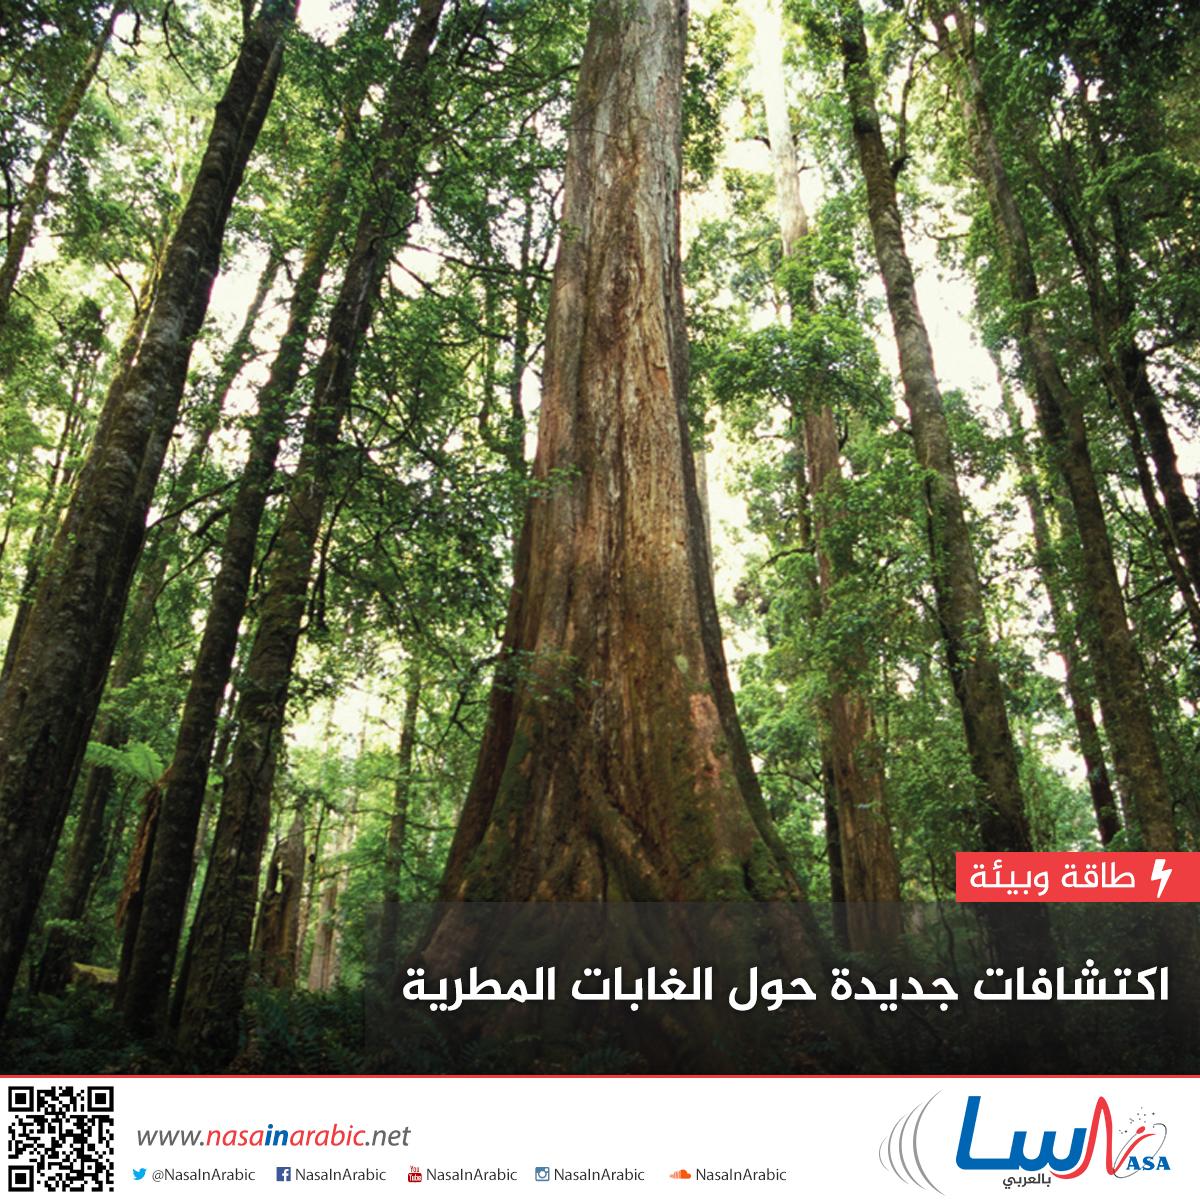 اكتشافات جديدة حول الغابات المطرية